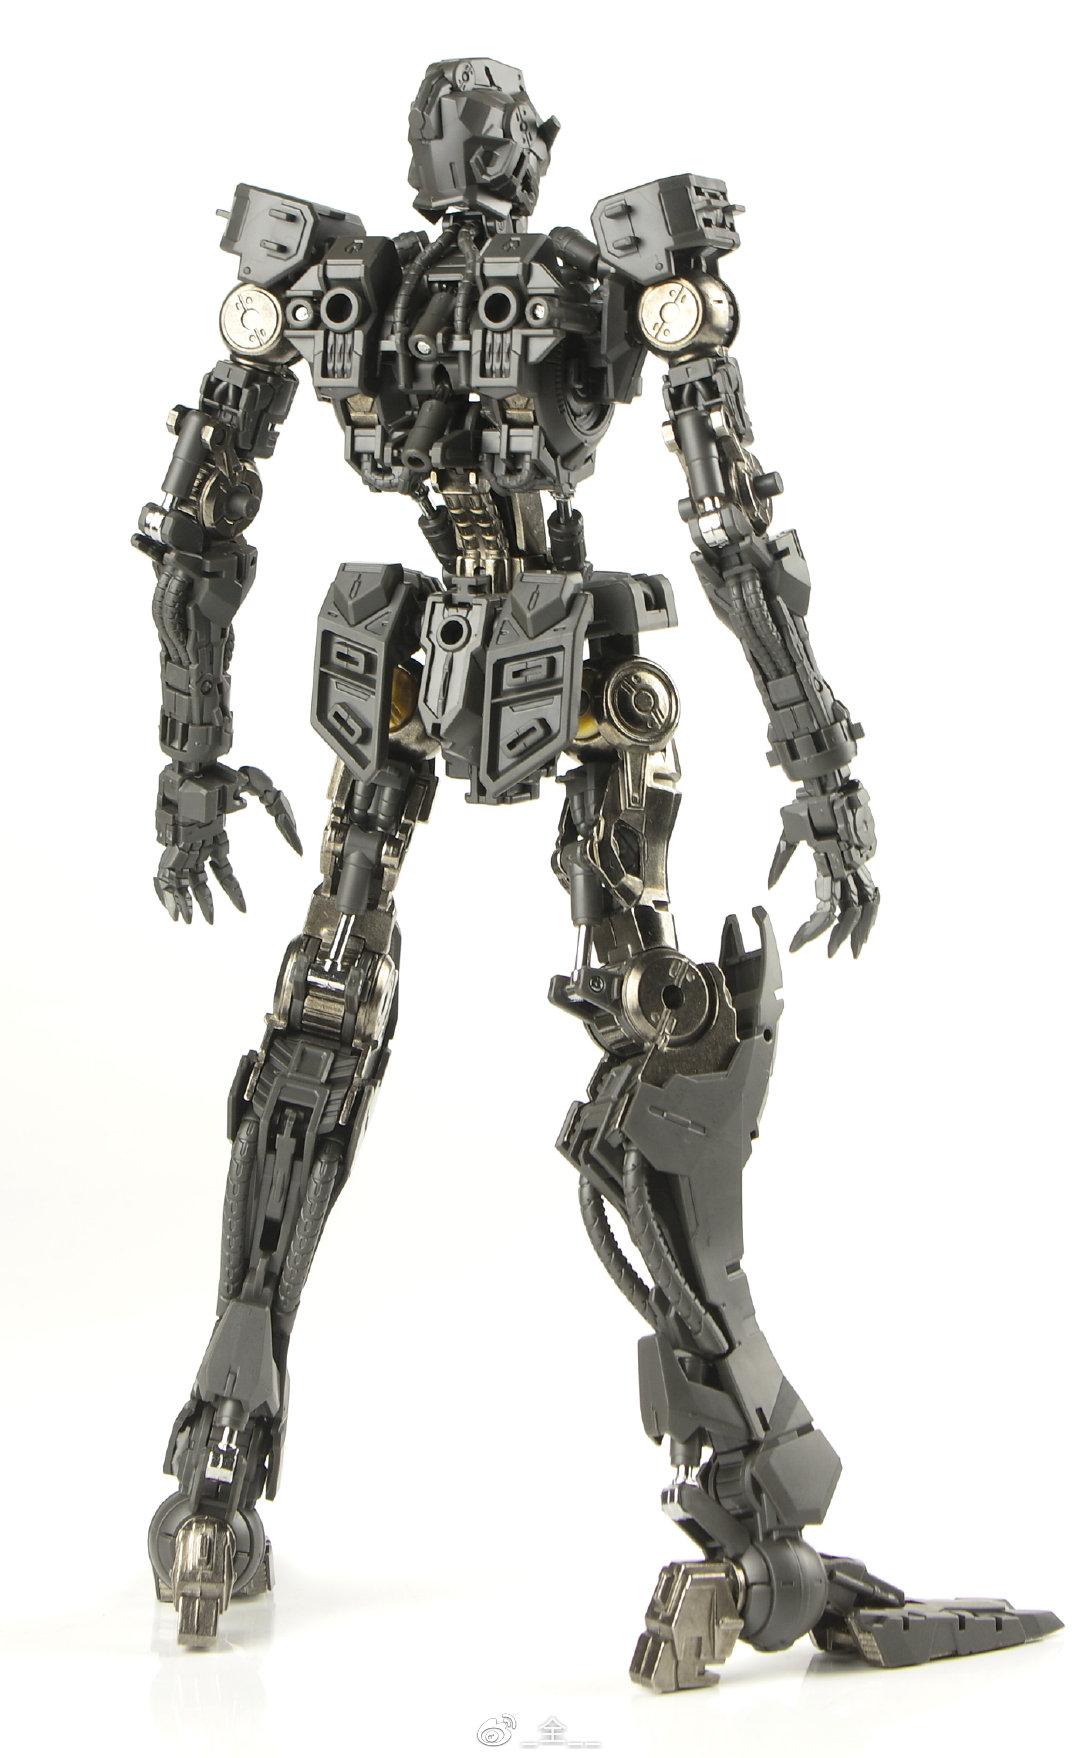 M103_mg_barbatos_metal_frame_parts_set_009_026.jpg